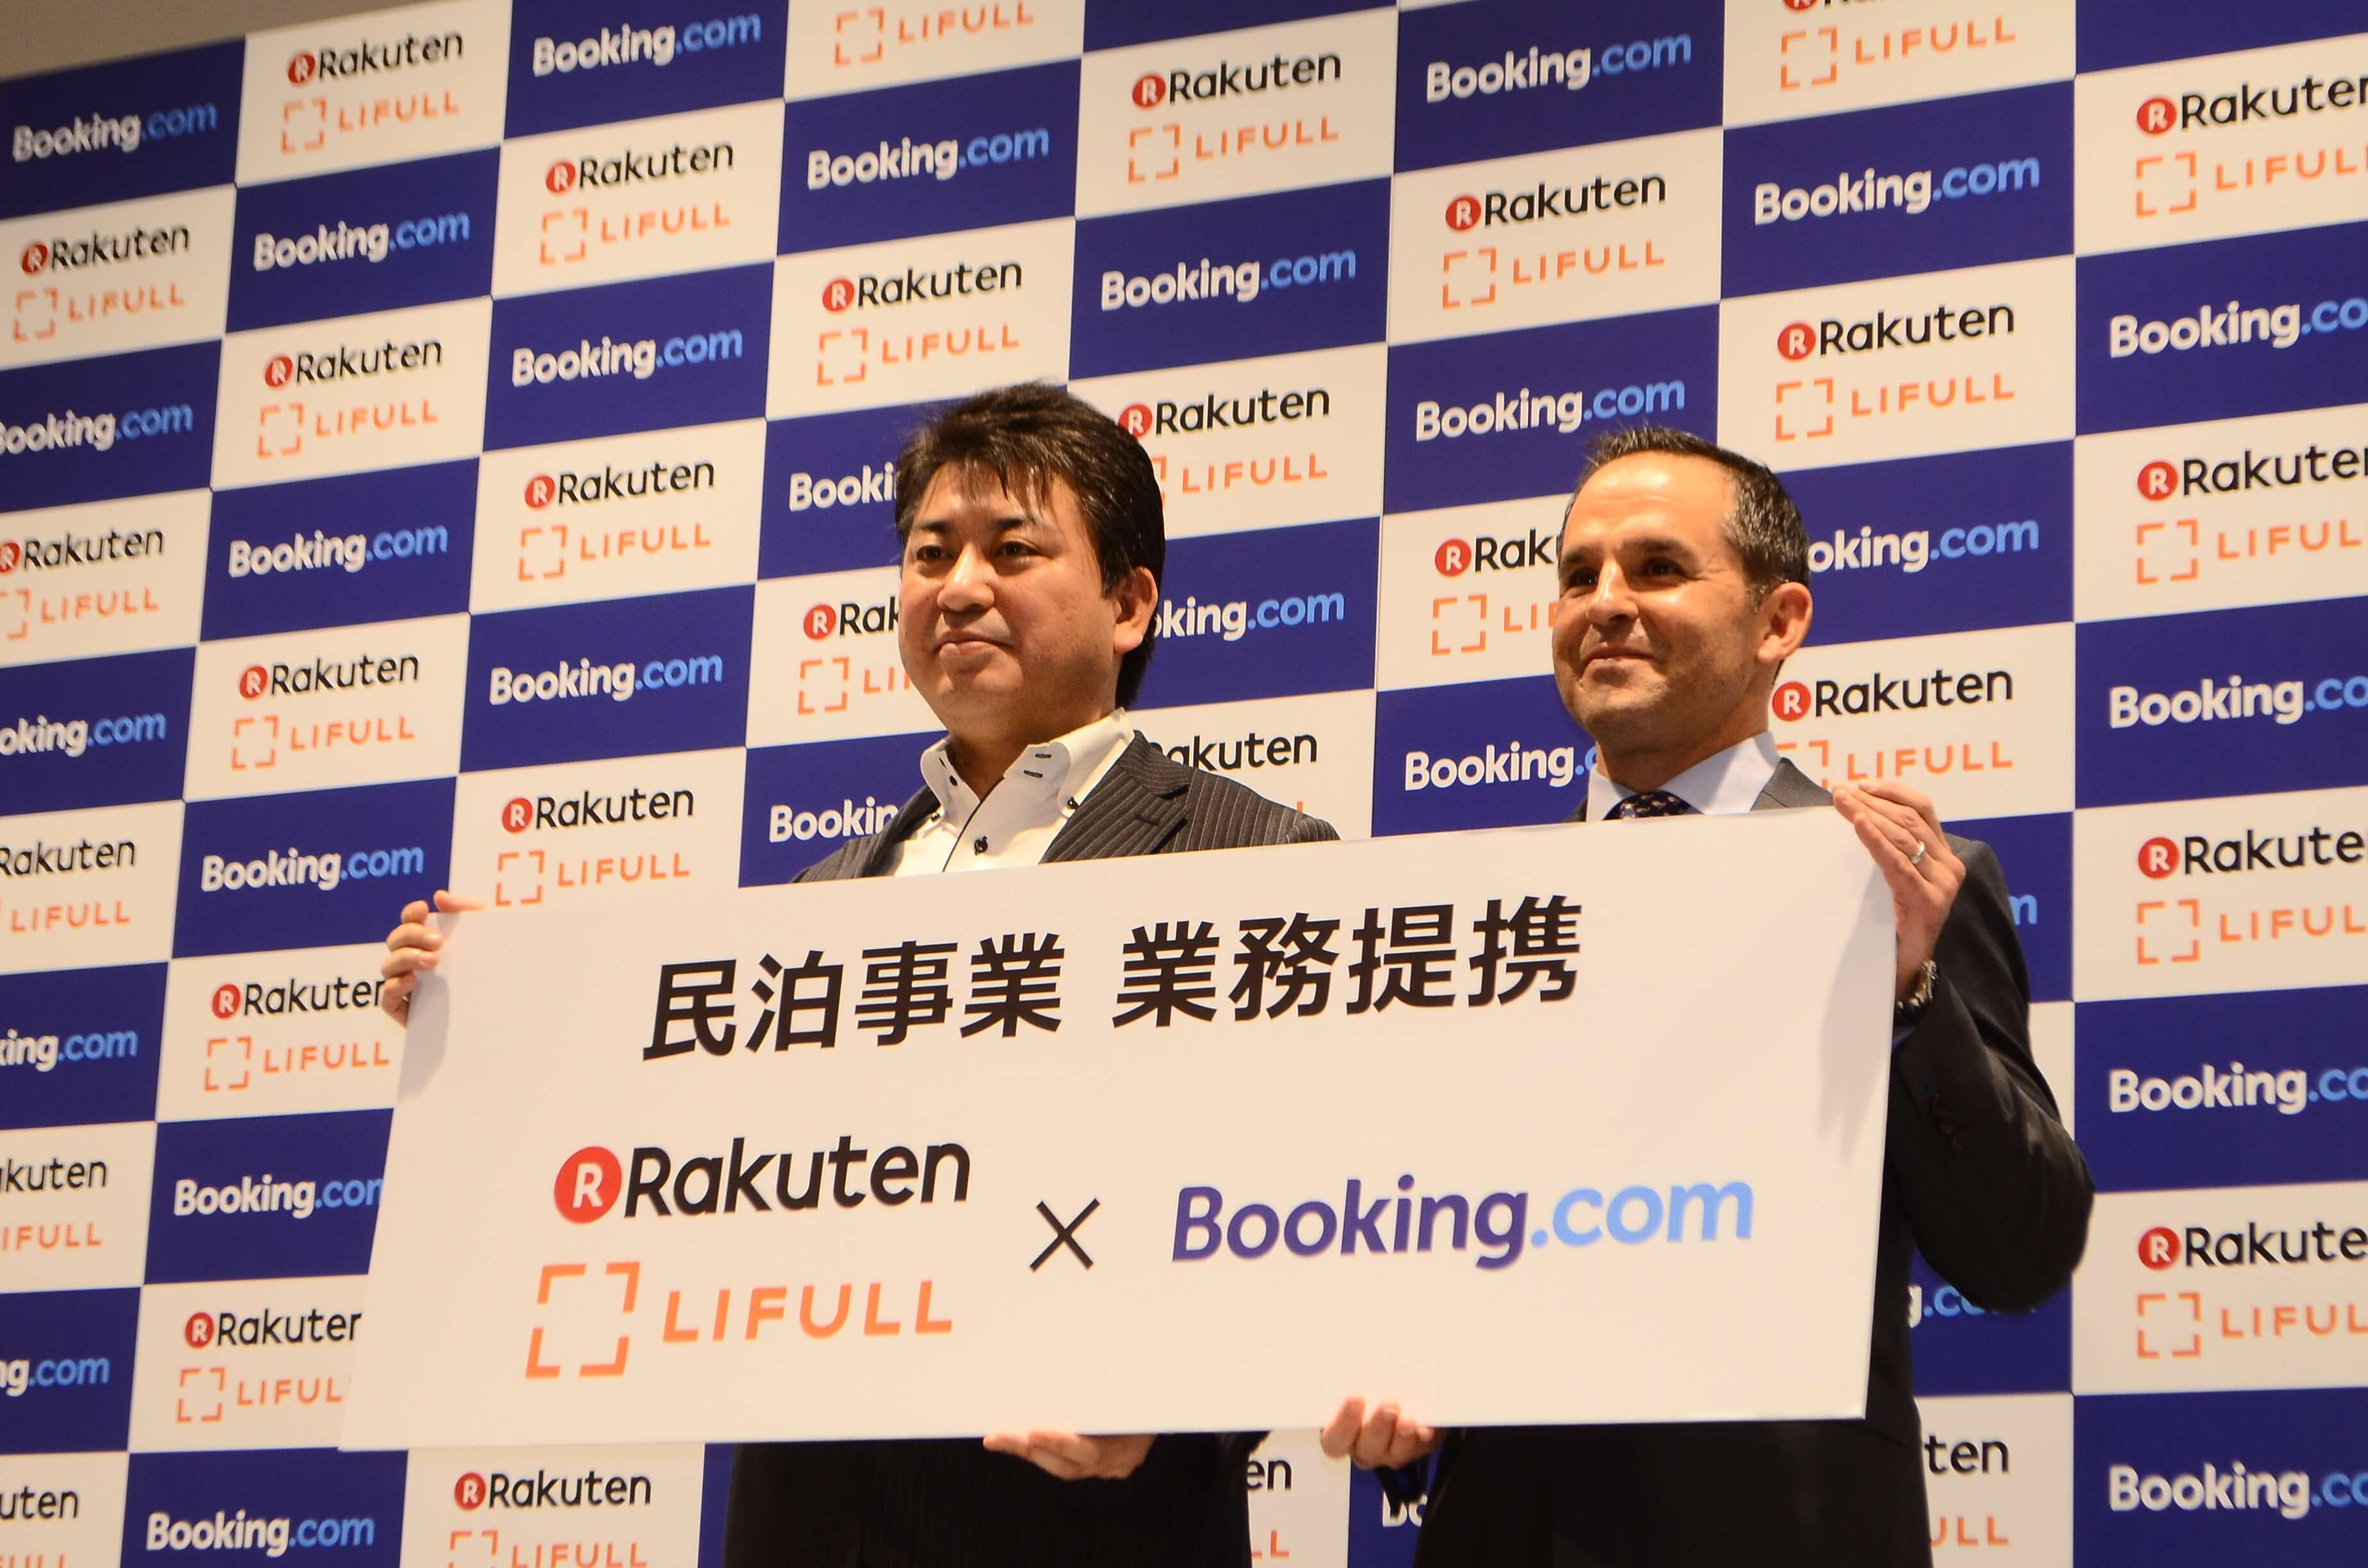 楽天LIFULL STAY、世界最大の宿泊予約サイトBooking.com と民泊事業で業務提携